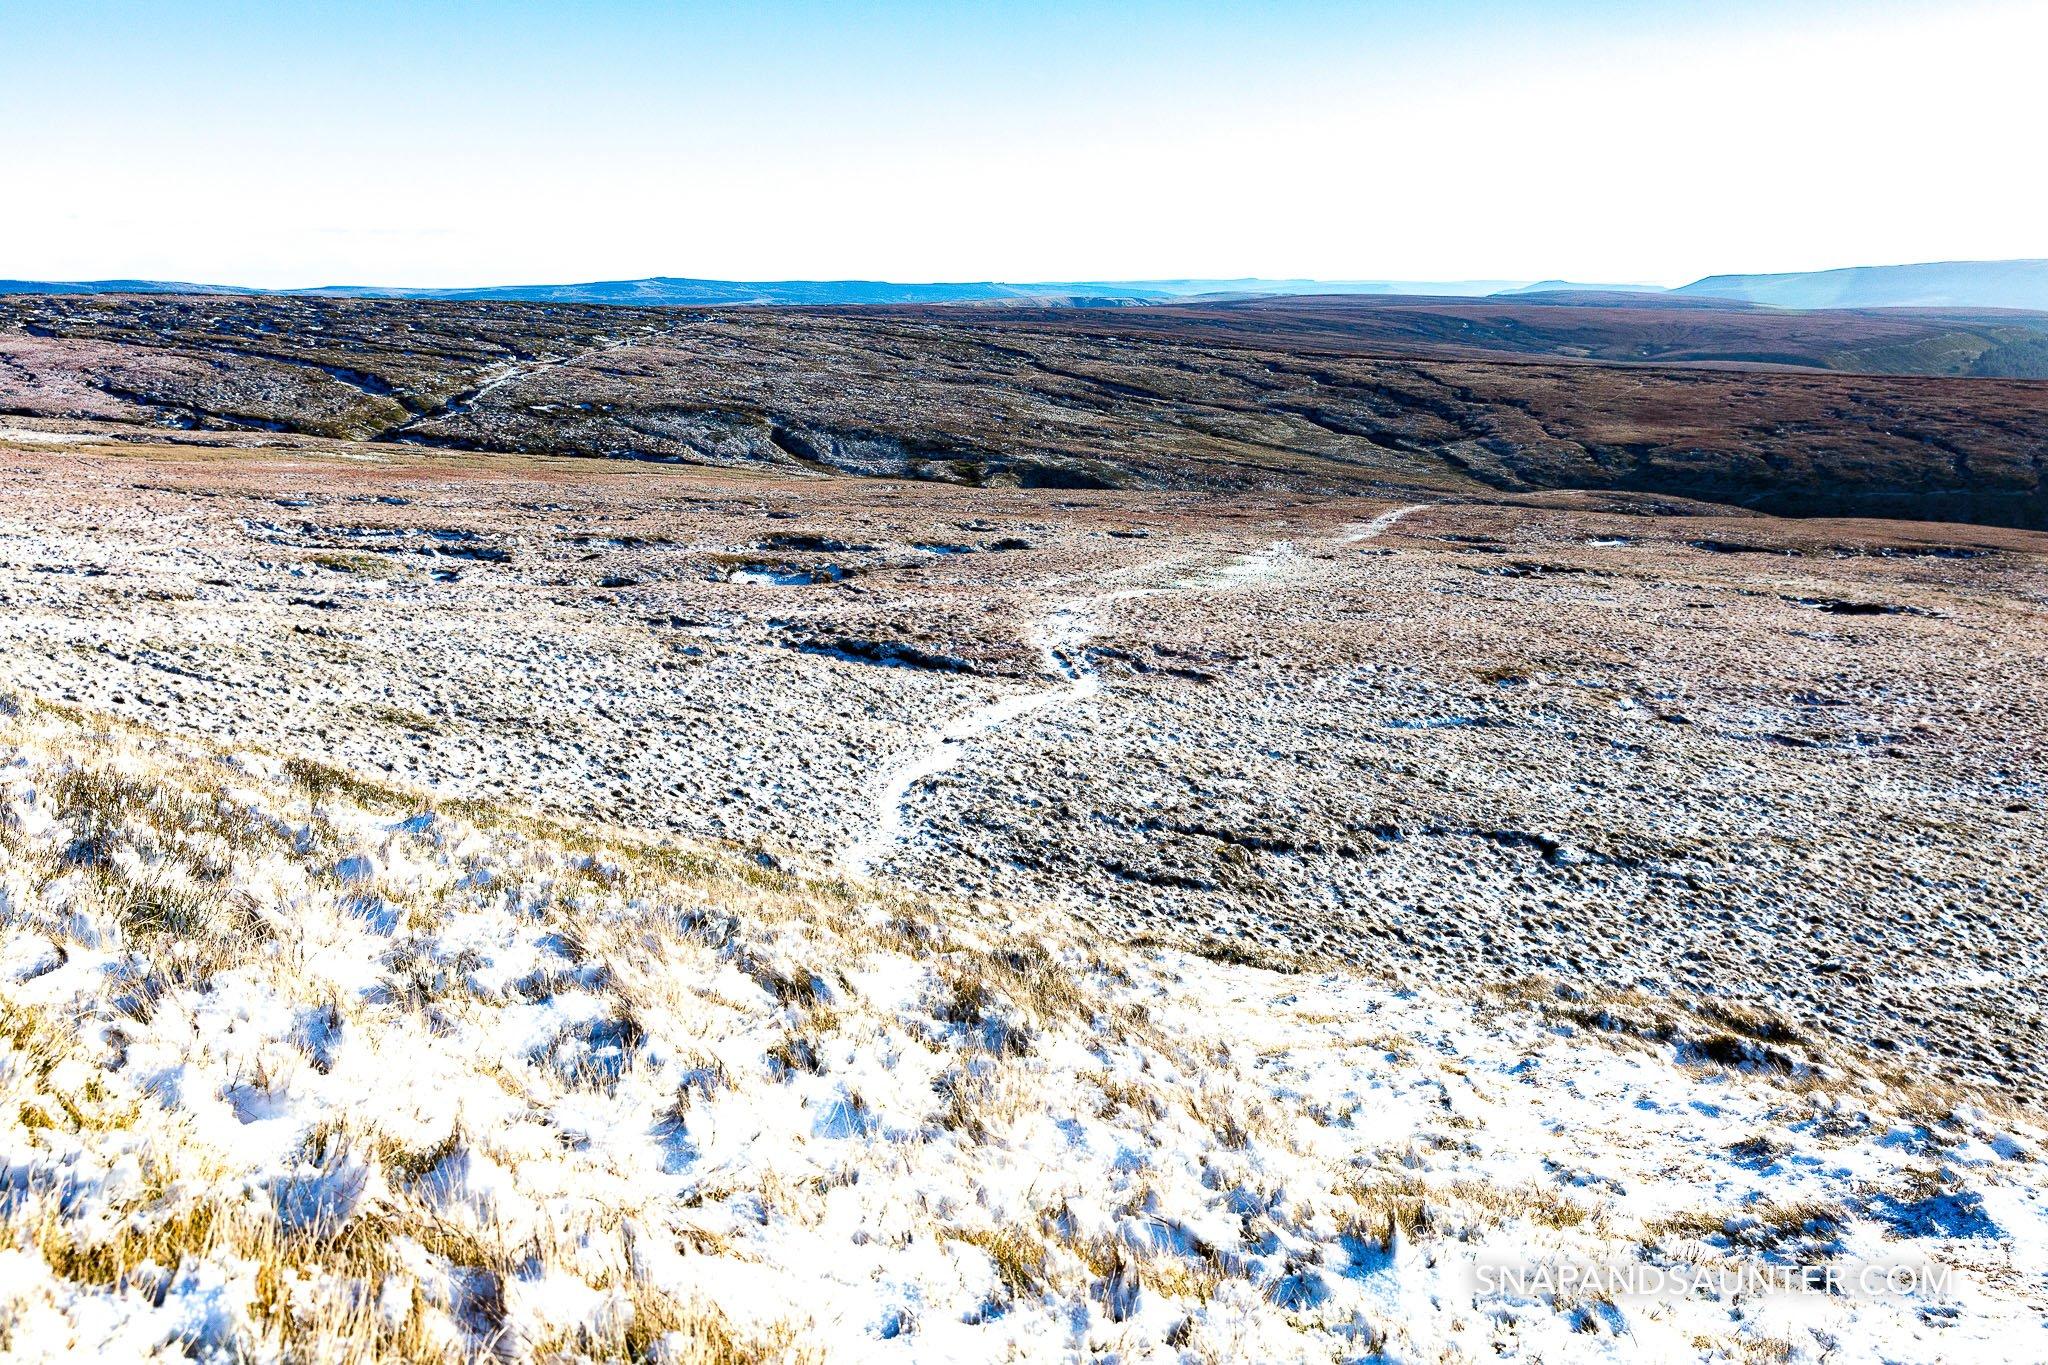 Higher Shelf Stone summit in Bleaklow in Derbyshire part of the Peak District